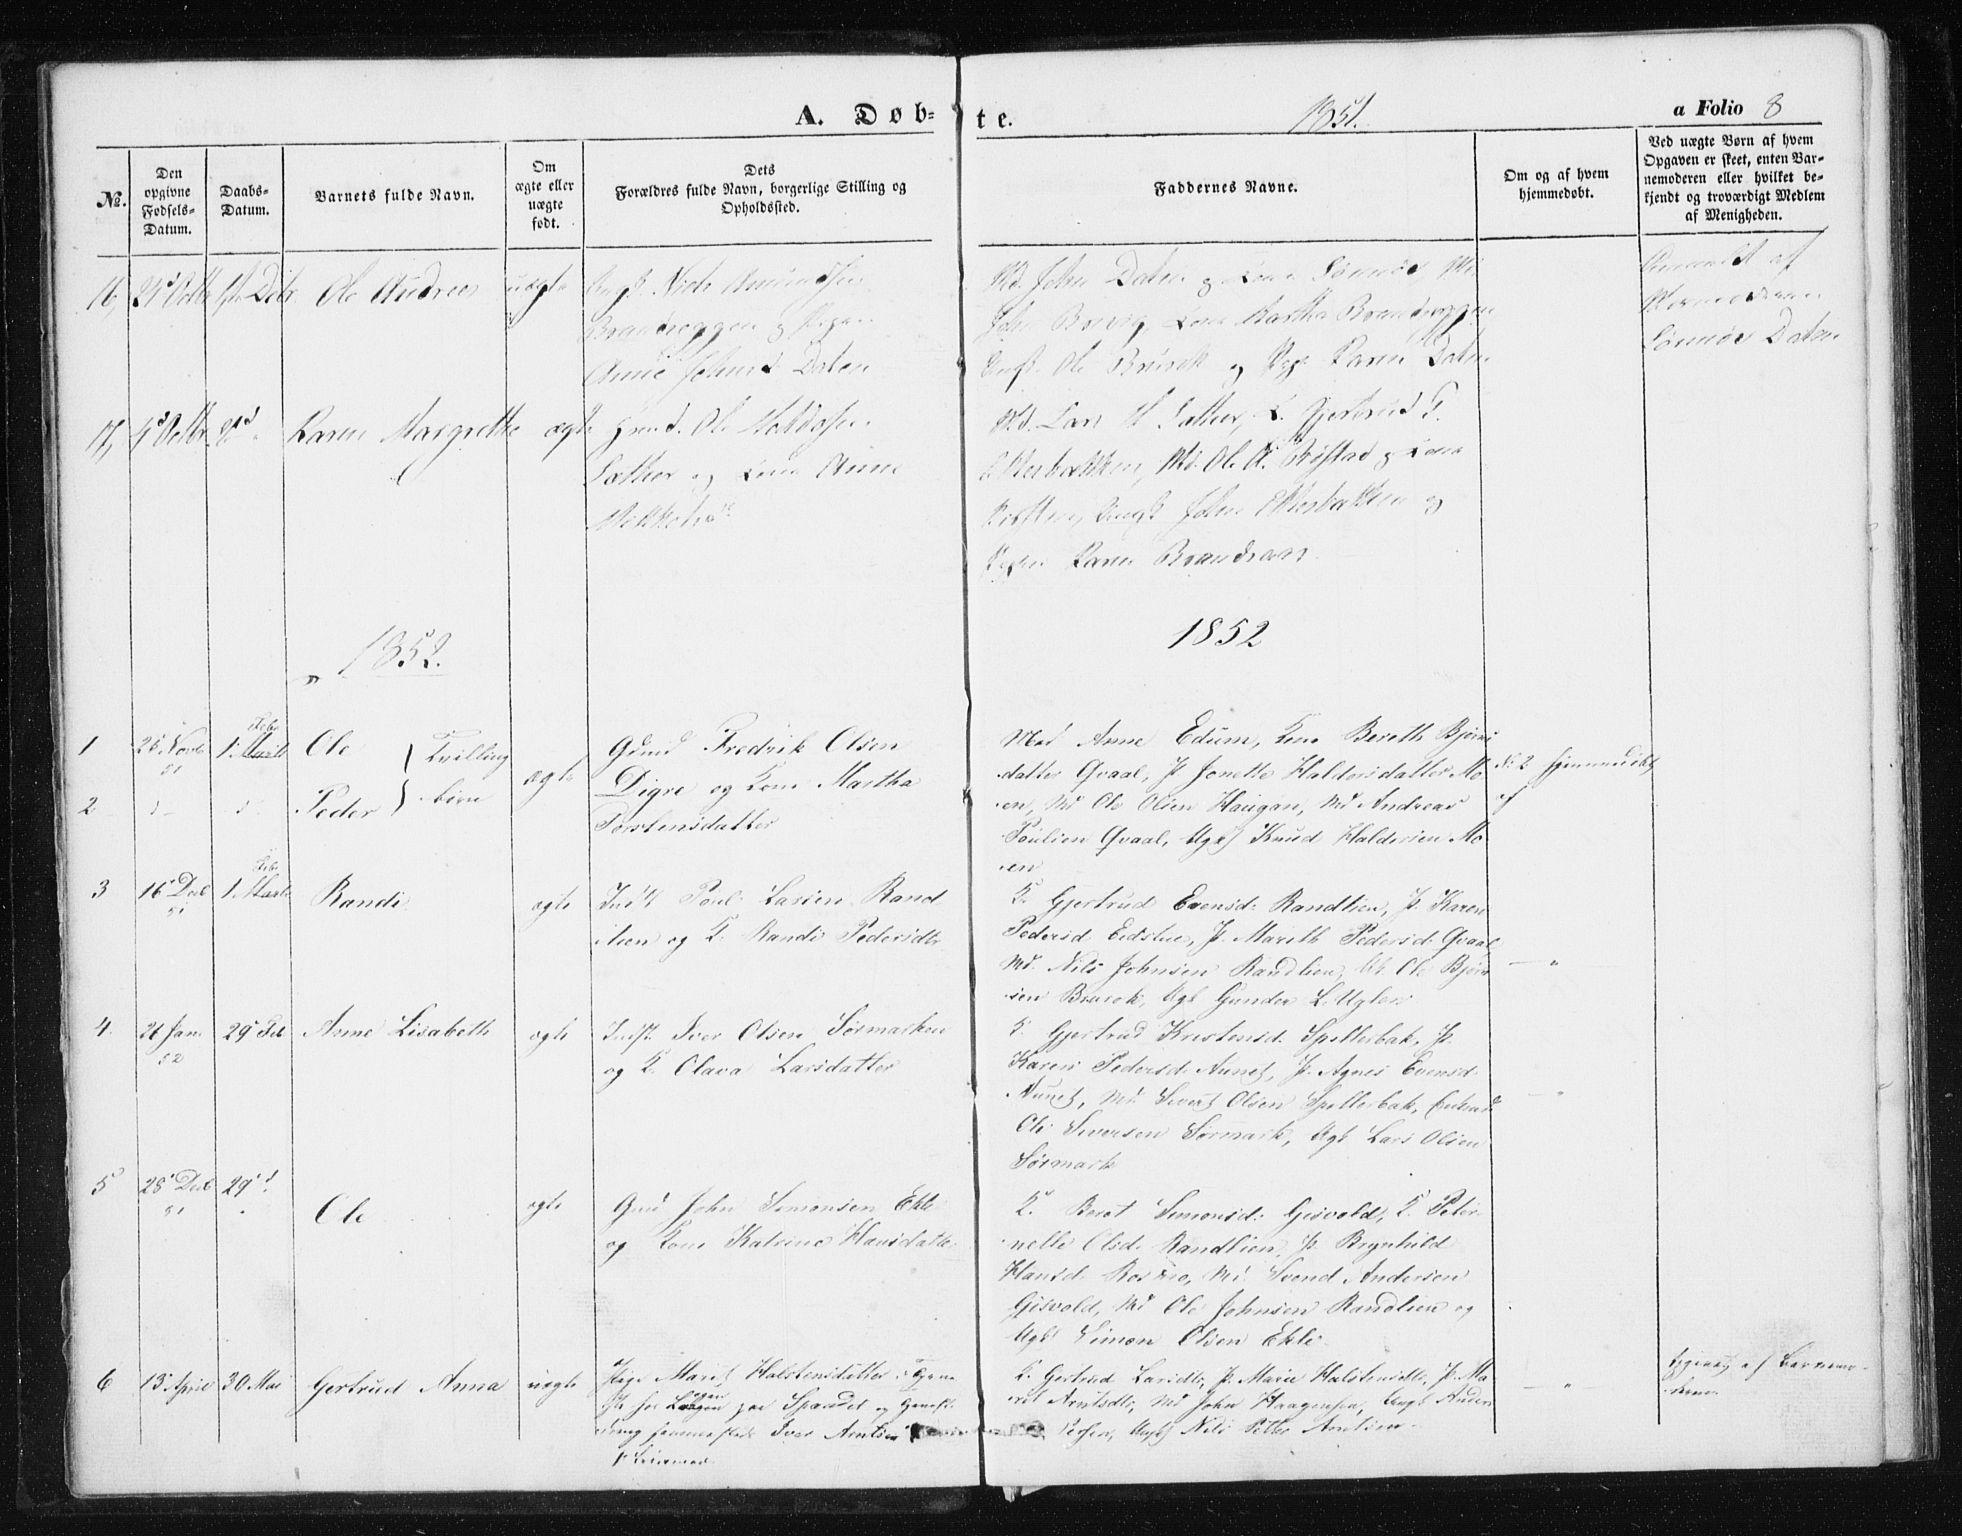 SAT, Ministerialprotokoller, klokkerbøker og fødselsregistre - Sør-Trøndelag, 608/L0332: Ministerialbok nr. 608A01, 1848-1861, s. 8